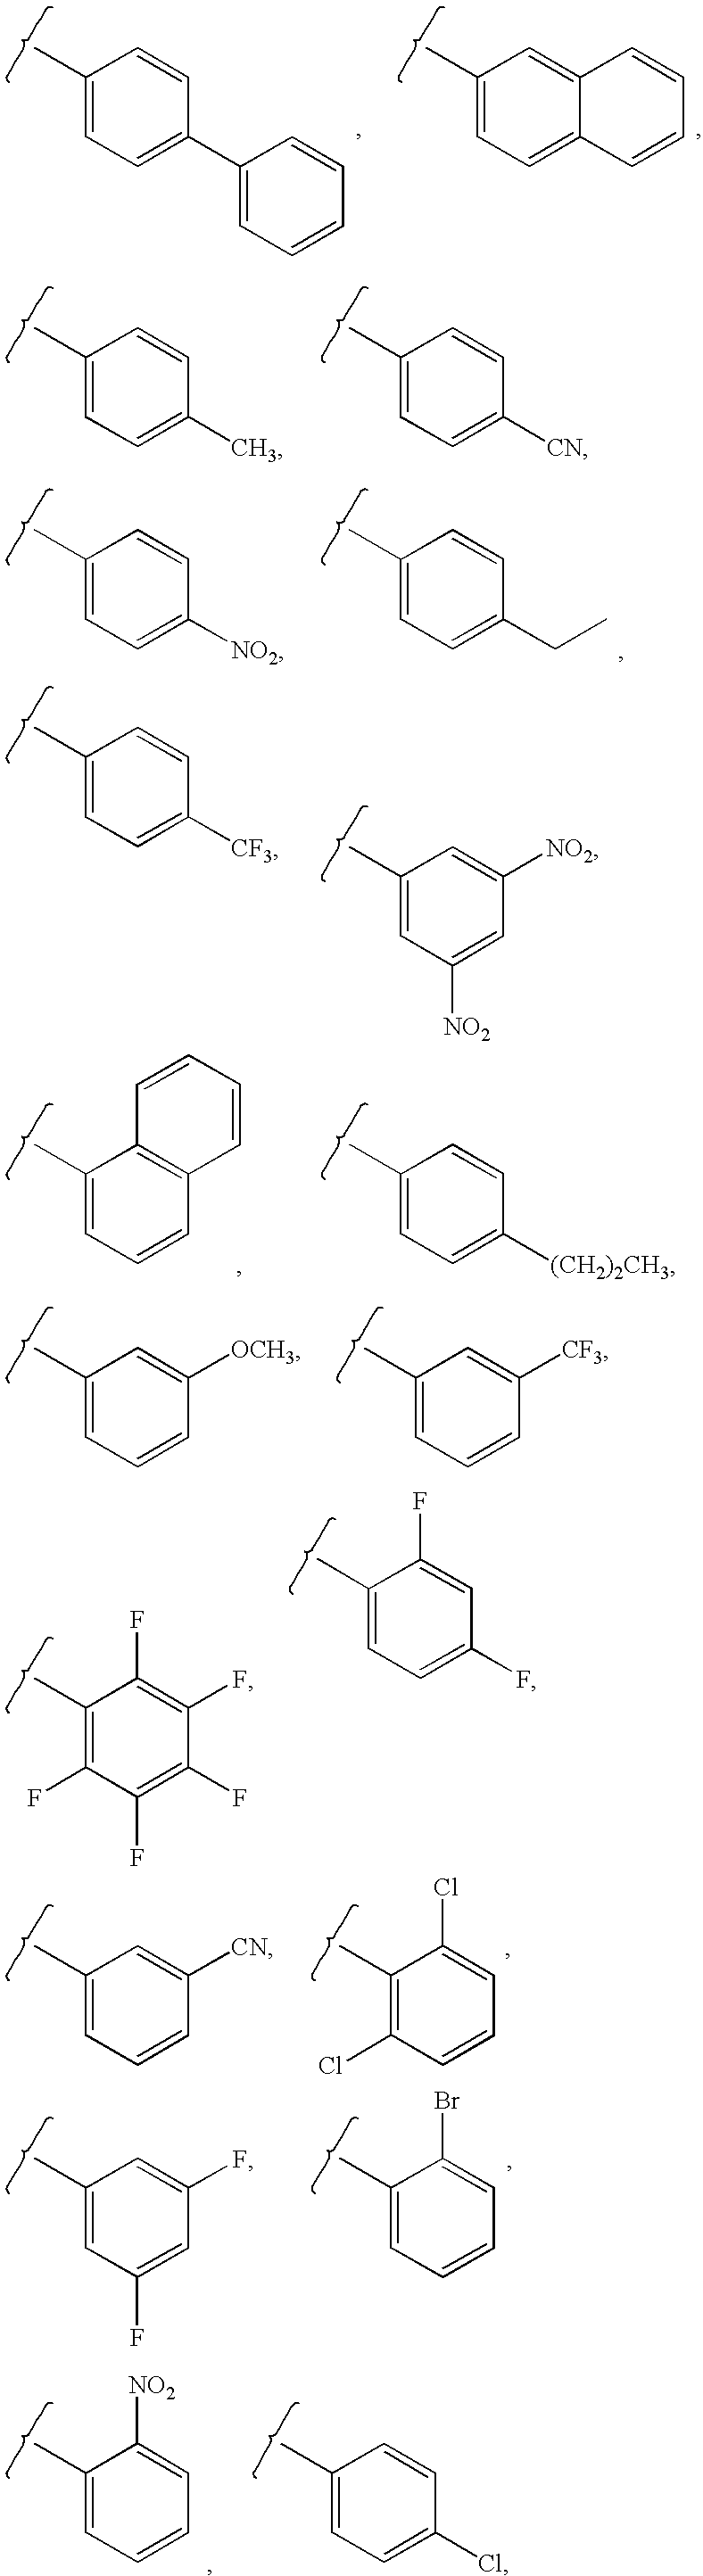 Figure US20070249661A1-20071025-C00027